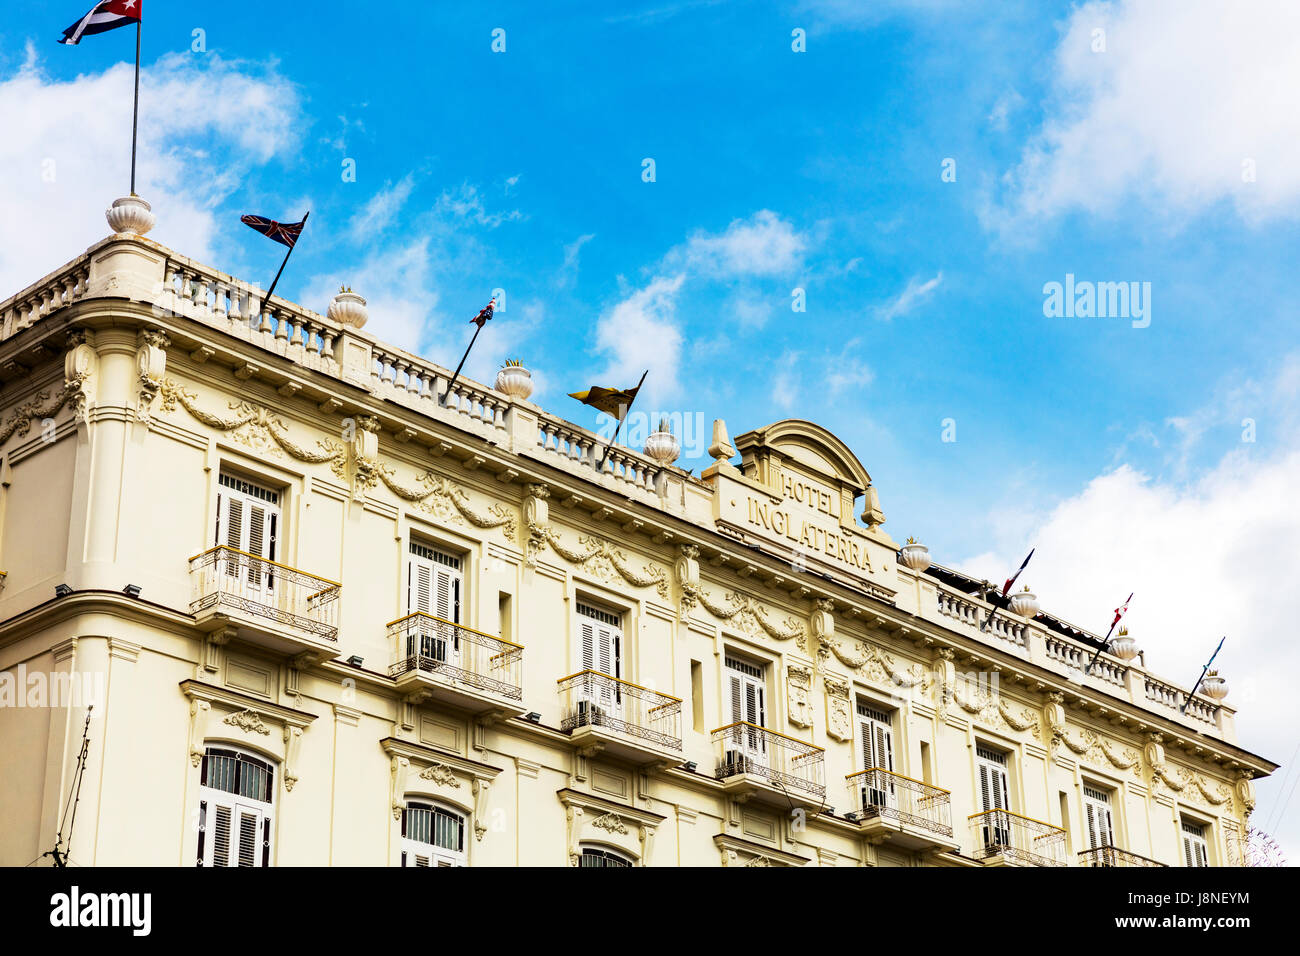 Inglaterra Hotel Havana Cuba Hotel Inglaterra, Paseo de Martí (aka Paseo del Prado), Old Havana (La Habana Vieja), - Stock Image